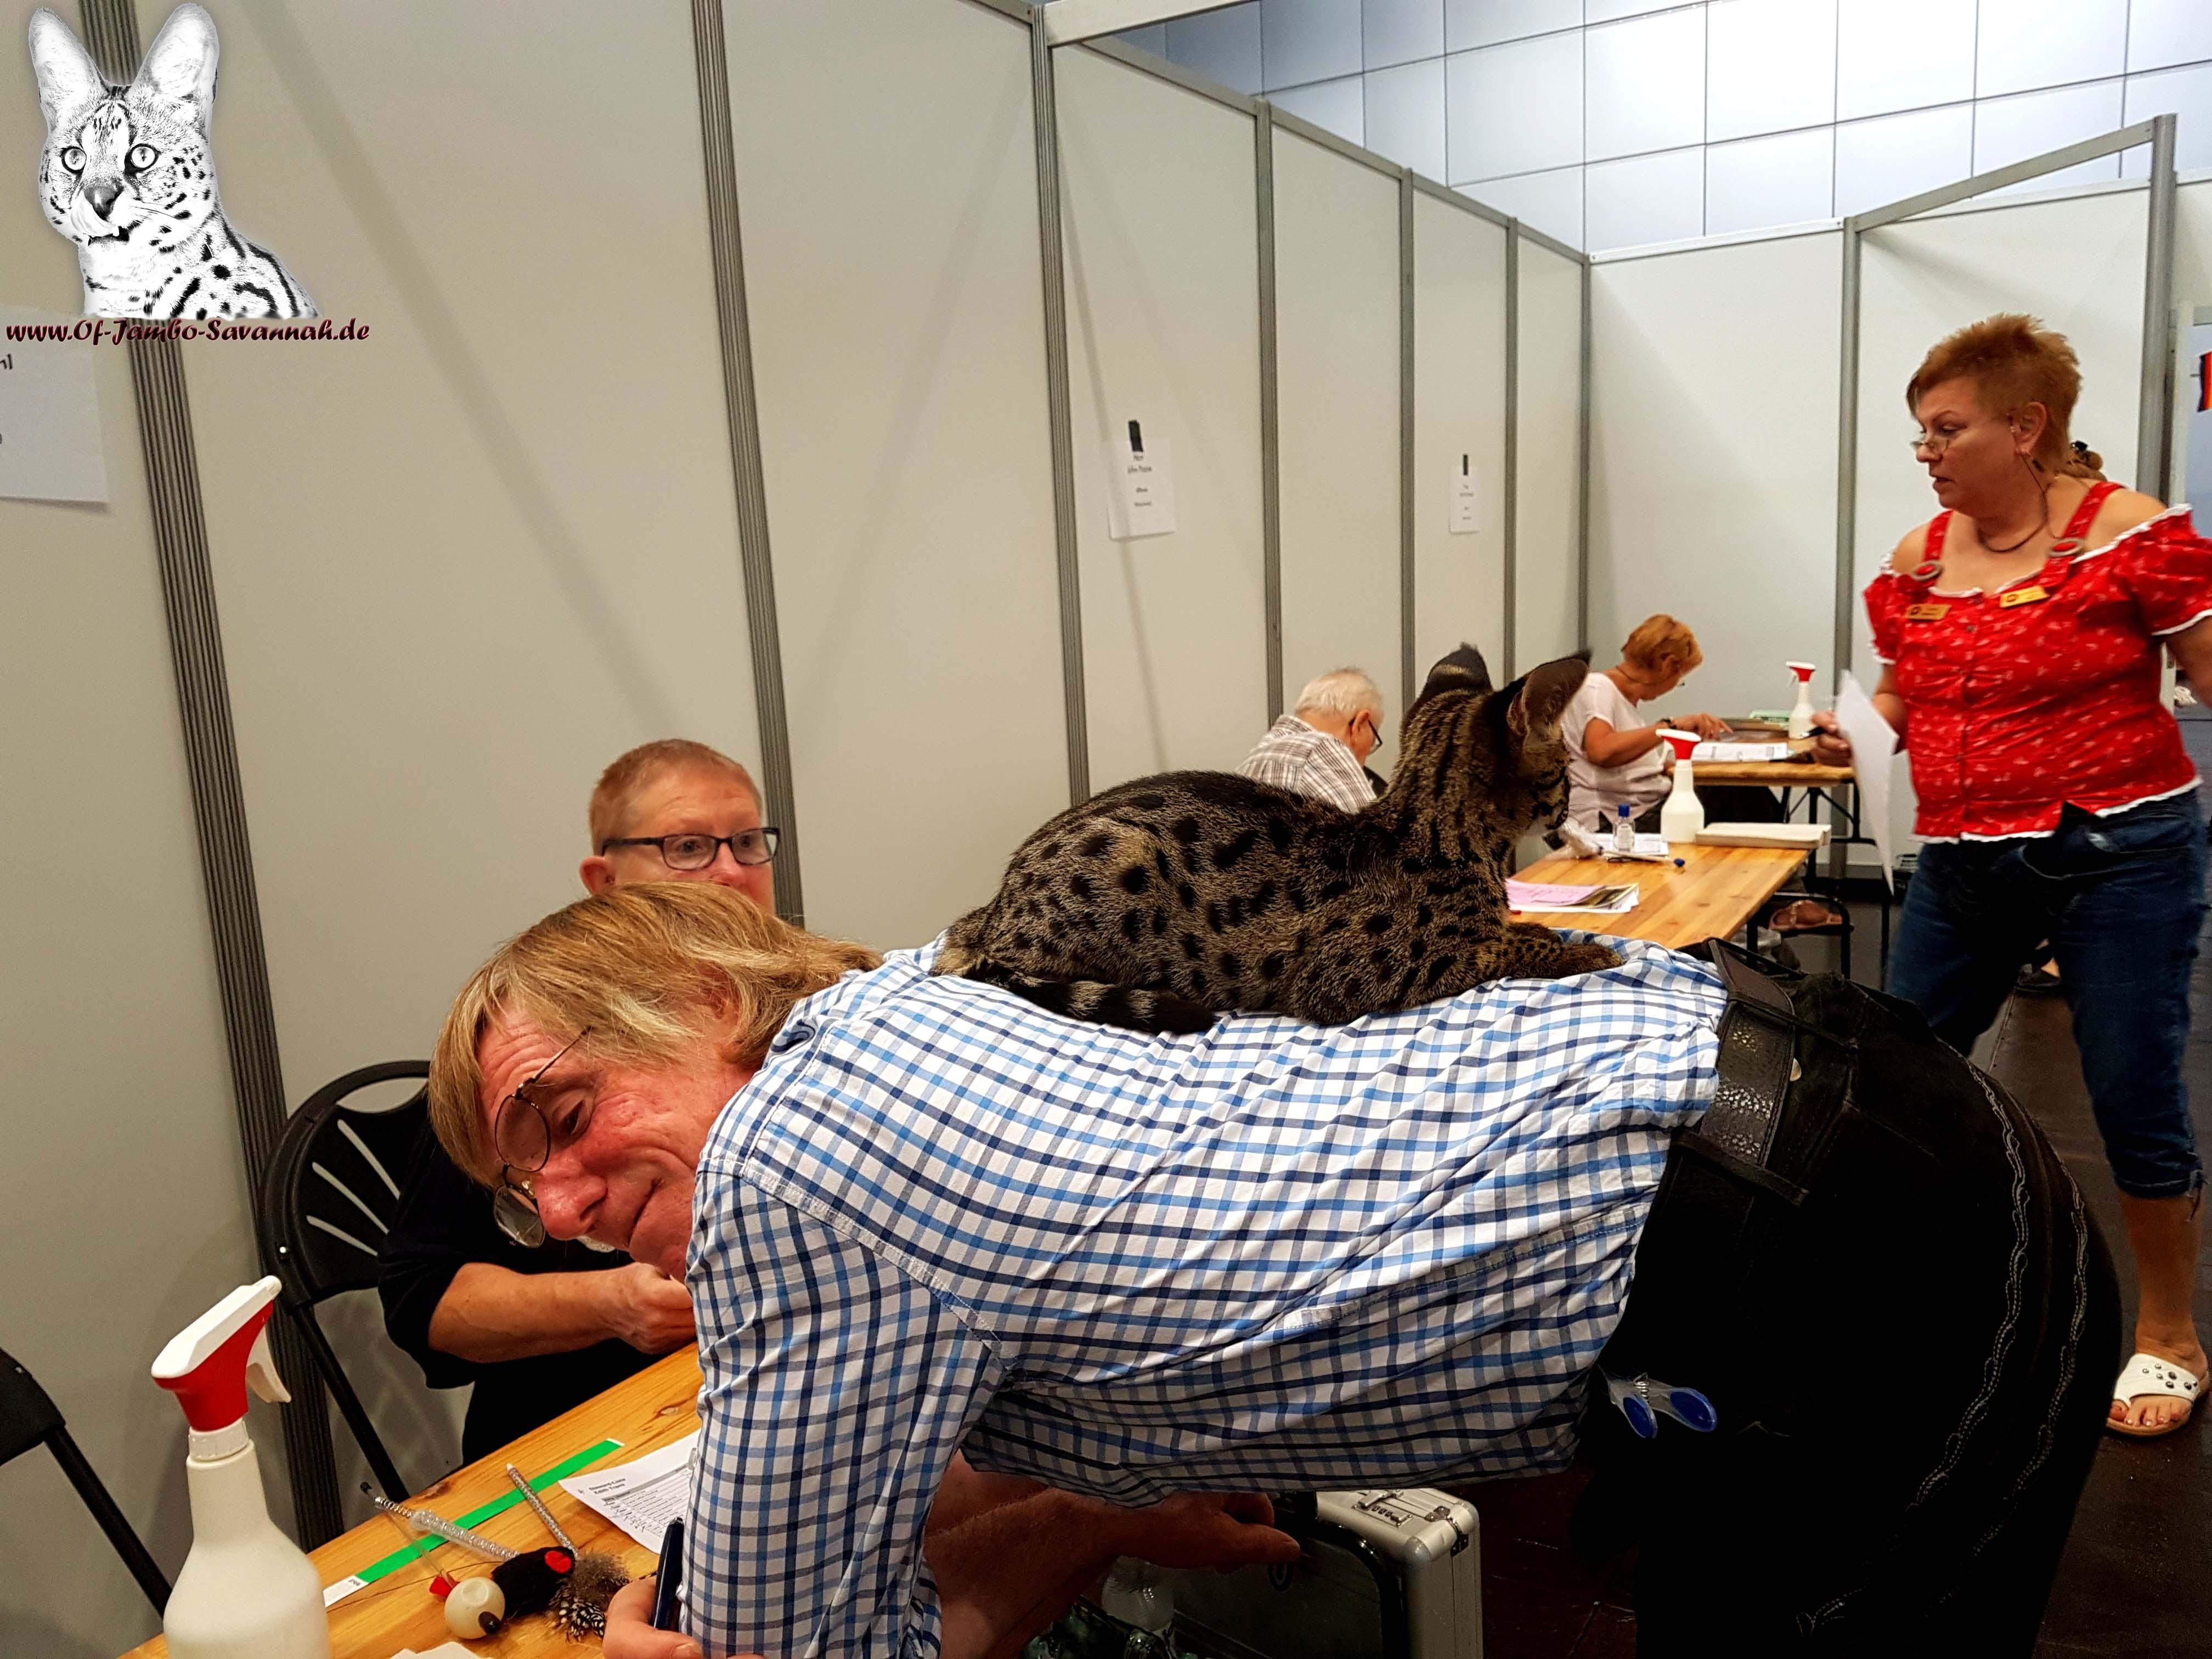 """Savannah Katze """"Elli of Jambo"""" auf einer Katzenausstellung in Leipzig! Savannah Katzen von Angela Hönig sind so gut sozialisiert, das sie sie sogar auf Ausstellungen internationalen Ausstellungen präsentieren konnte!"""